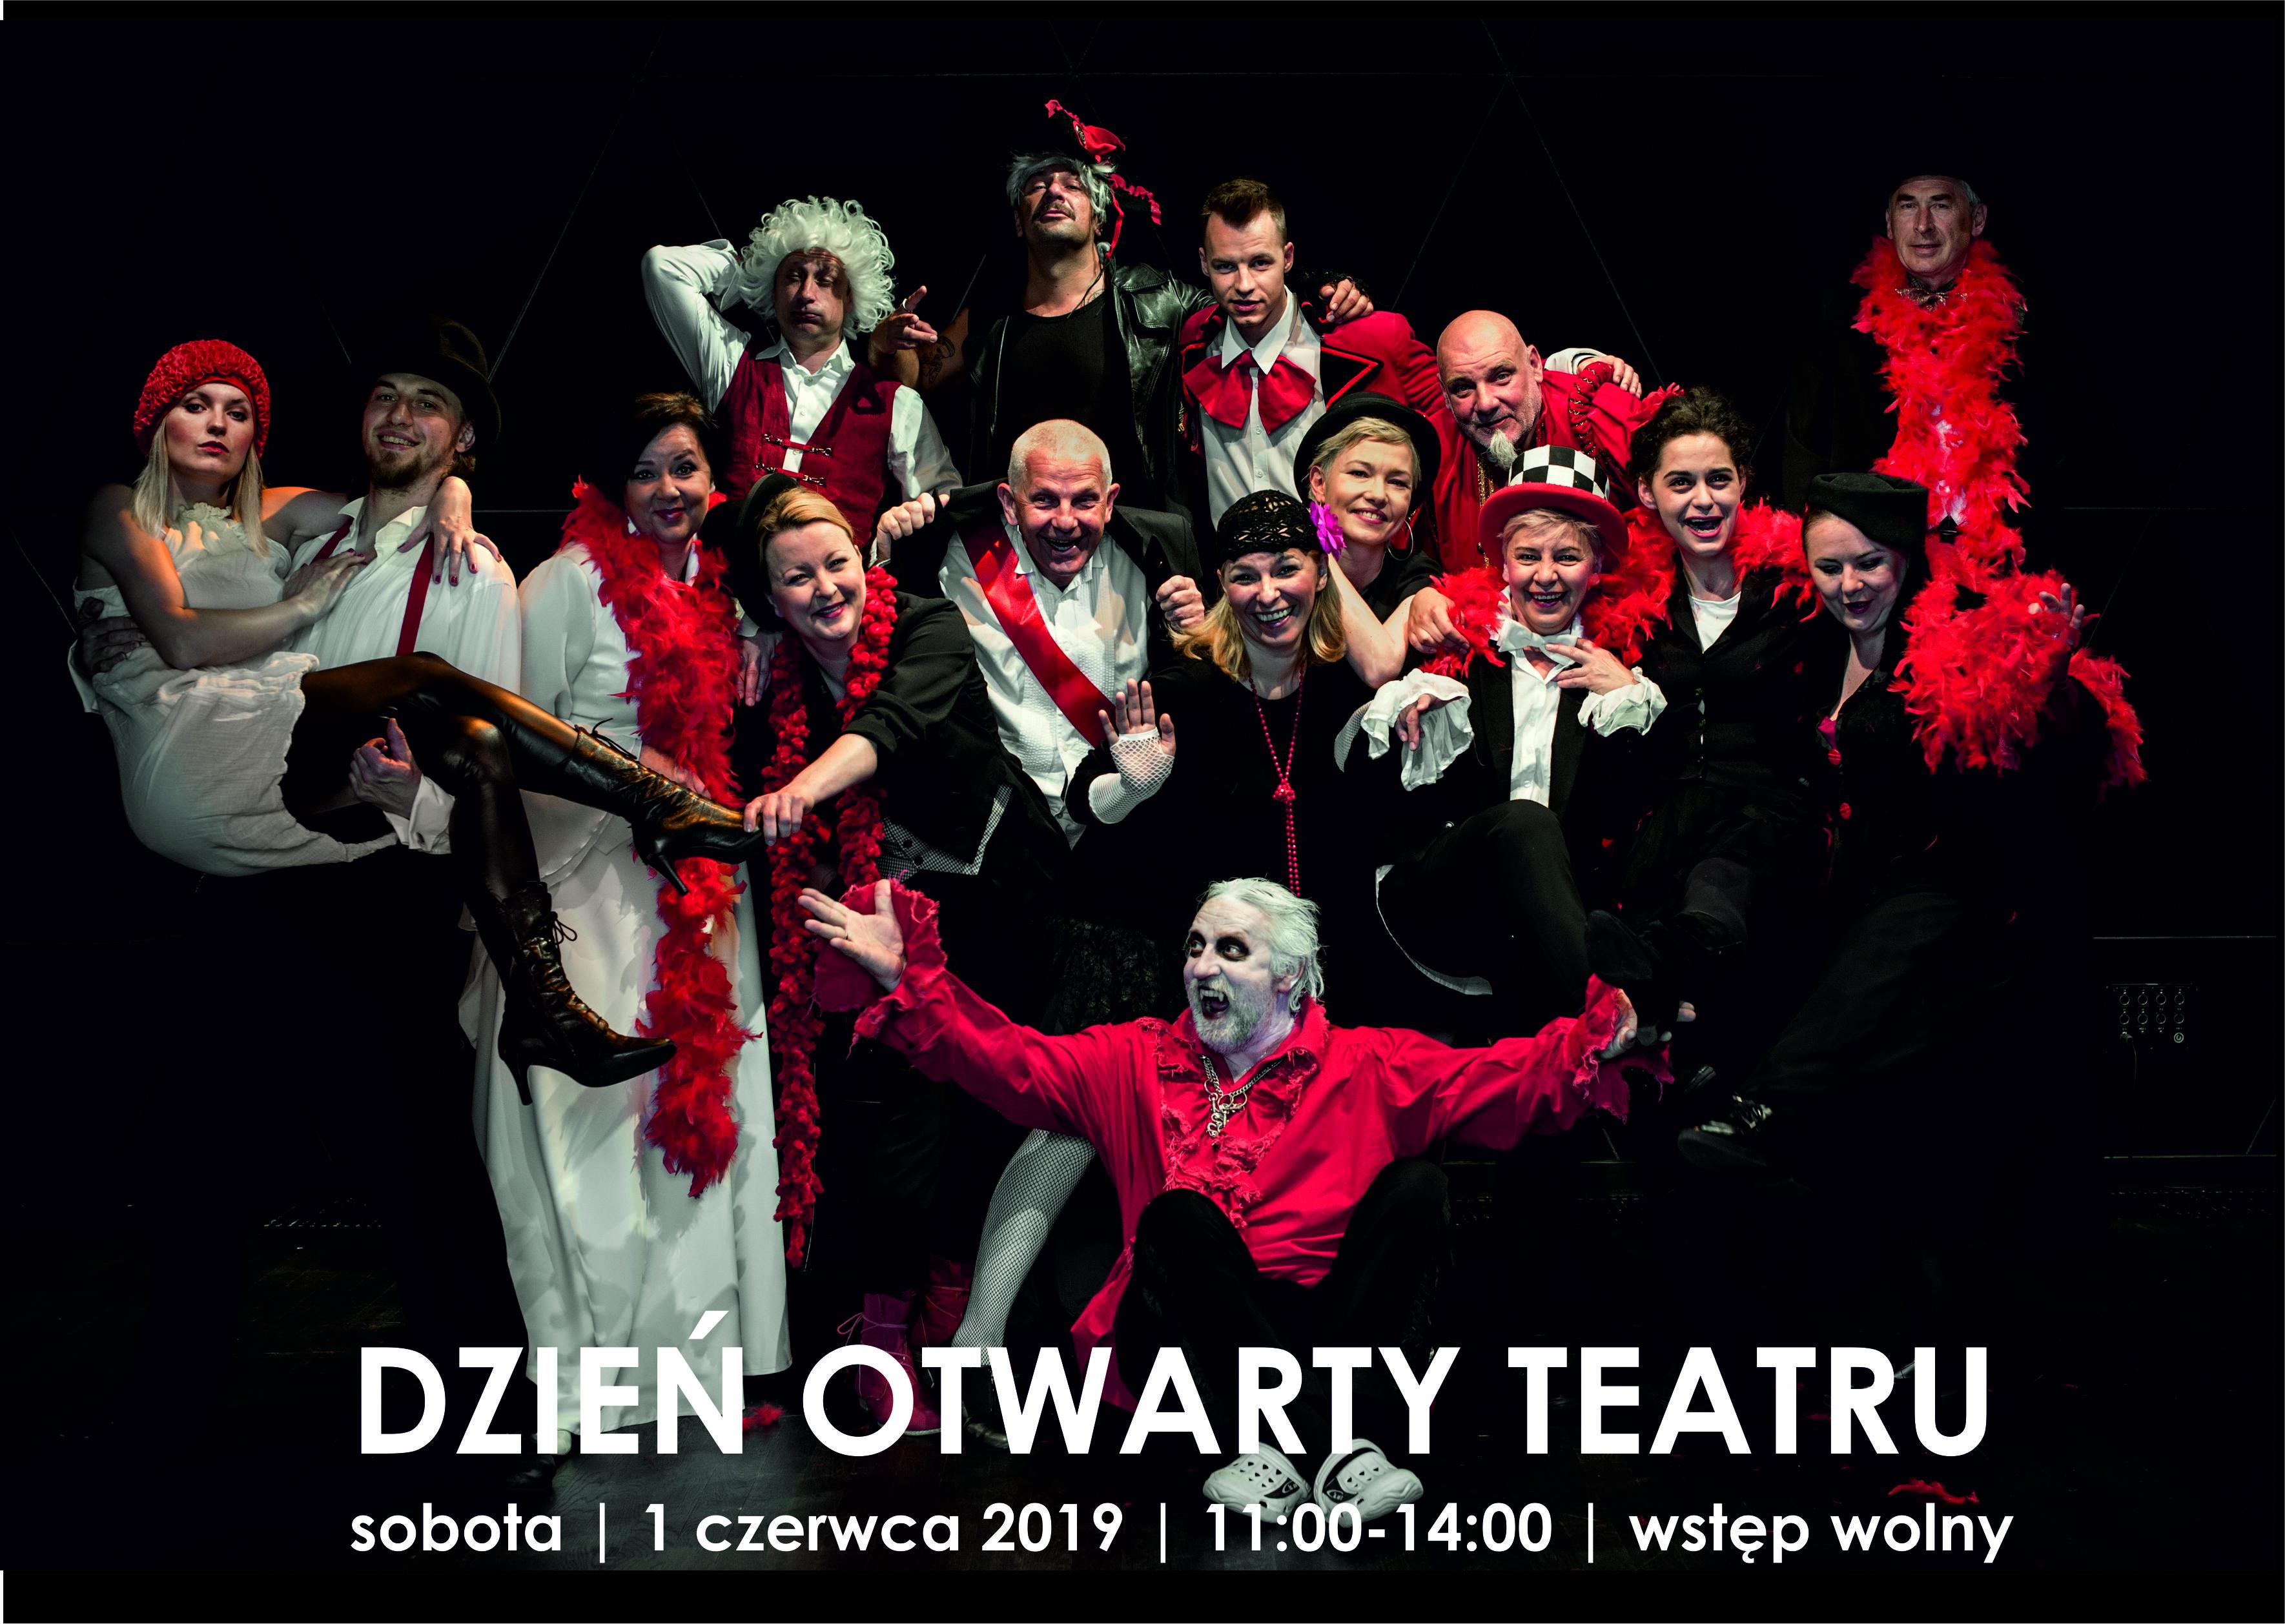 Dzień Otwarty Teatru 3